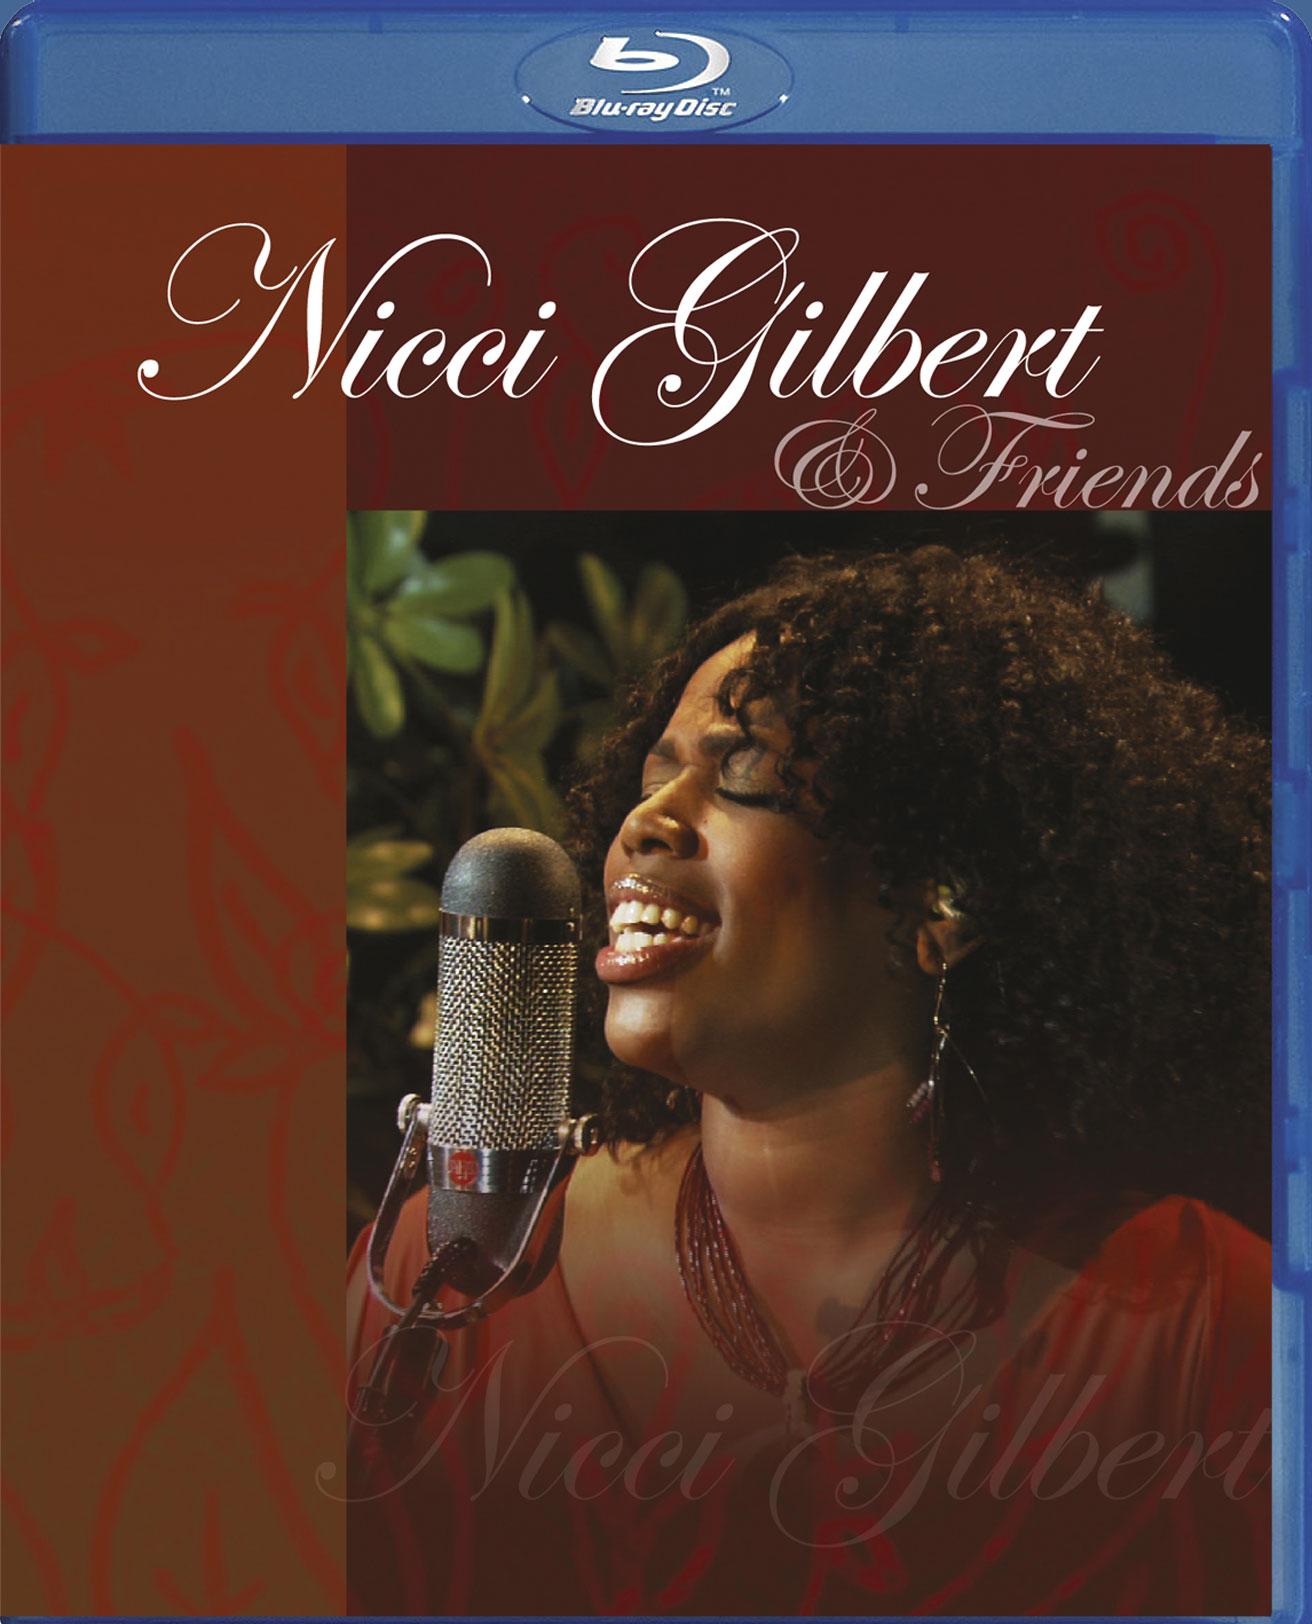 Nicci Gilbert & Friends